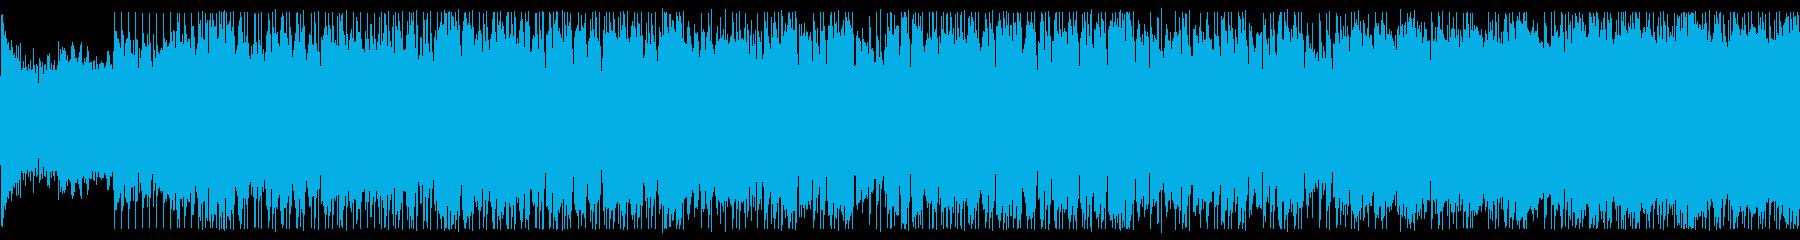 アクション要素のあるシーンでの再生済みの波形